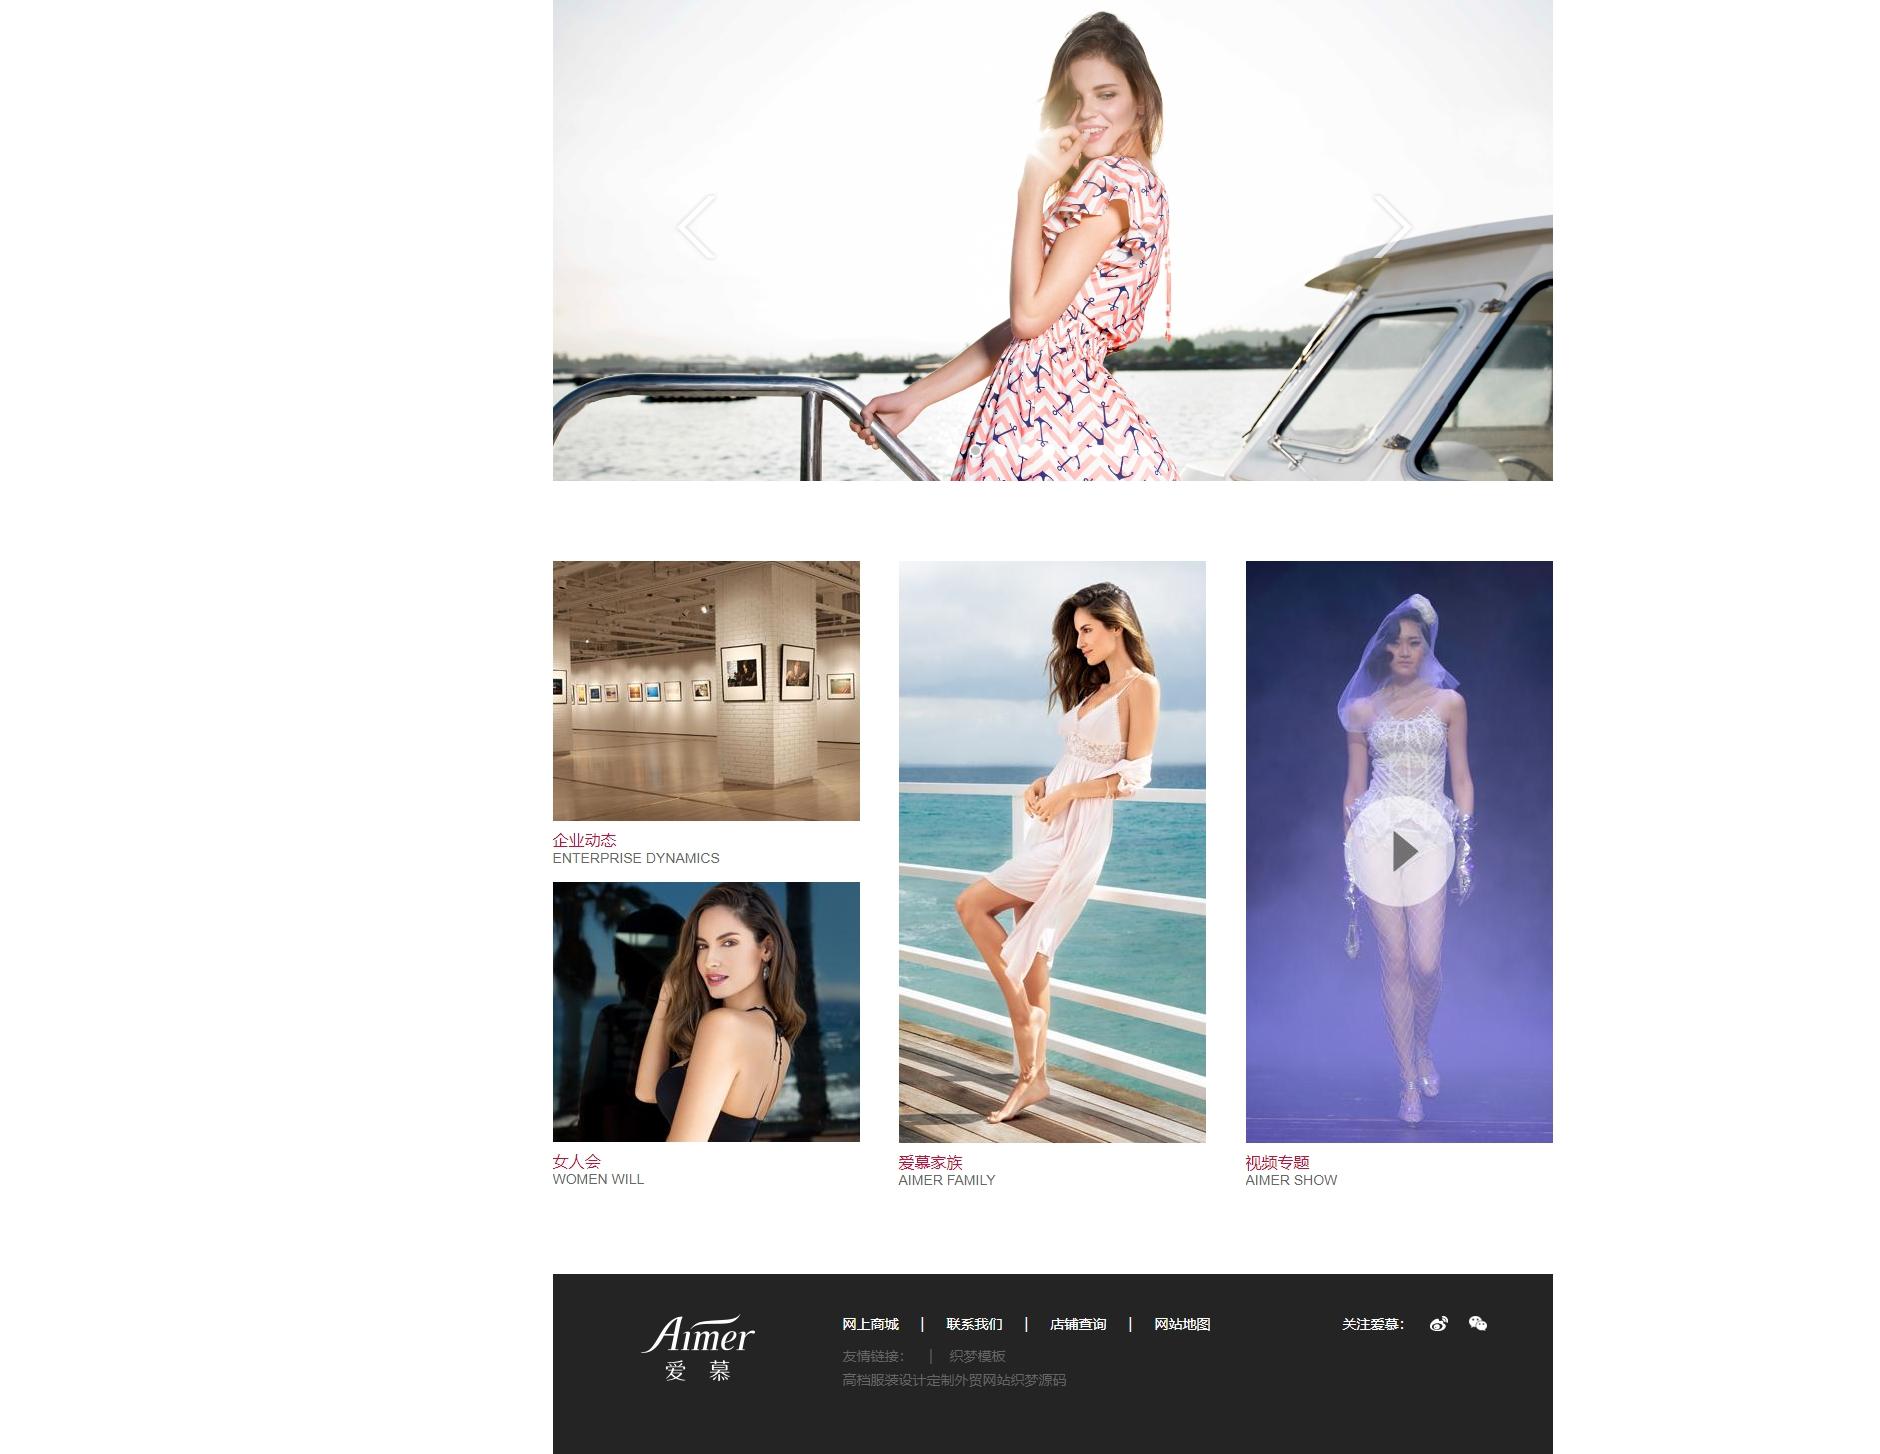 高档服装设计定制外贸网站织梦dedecms源码